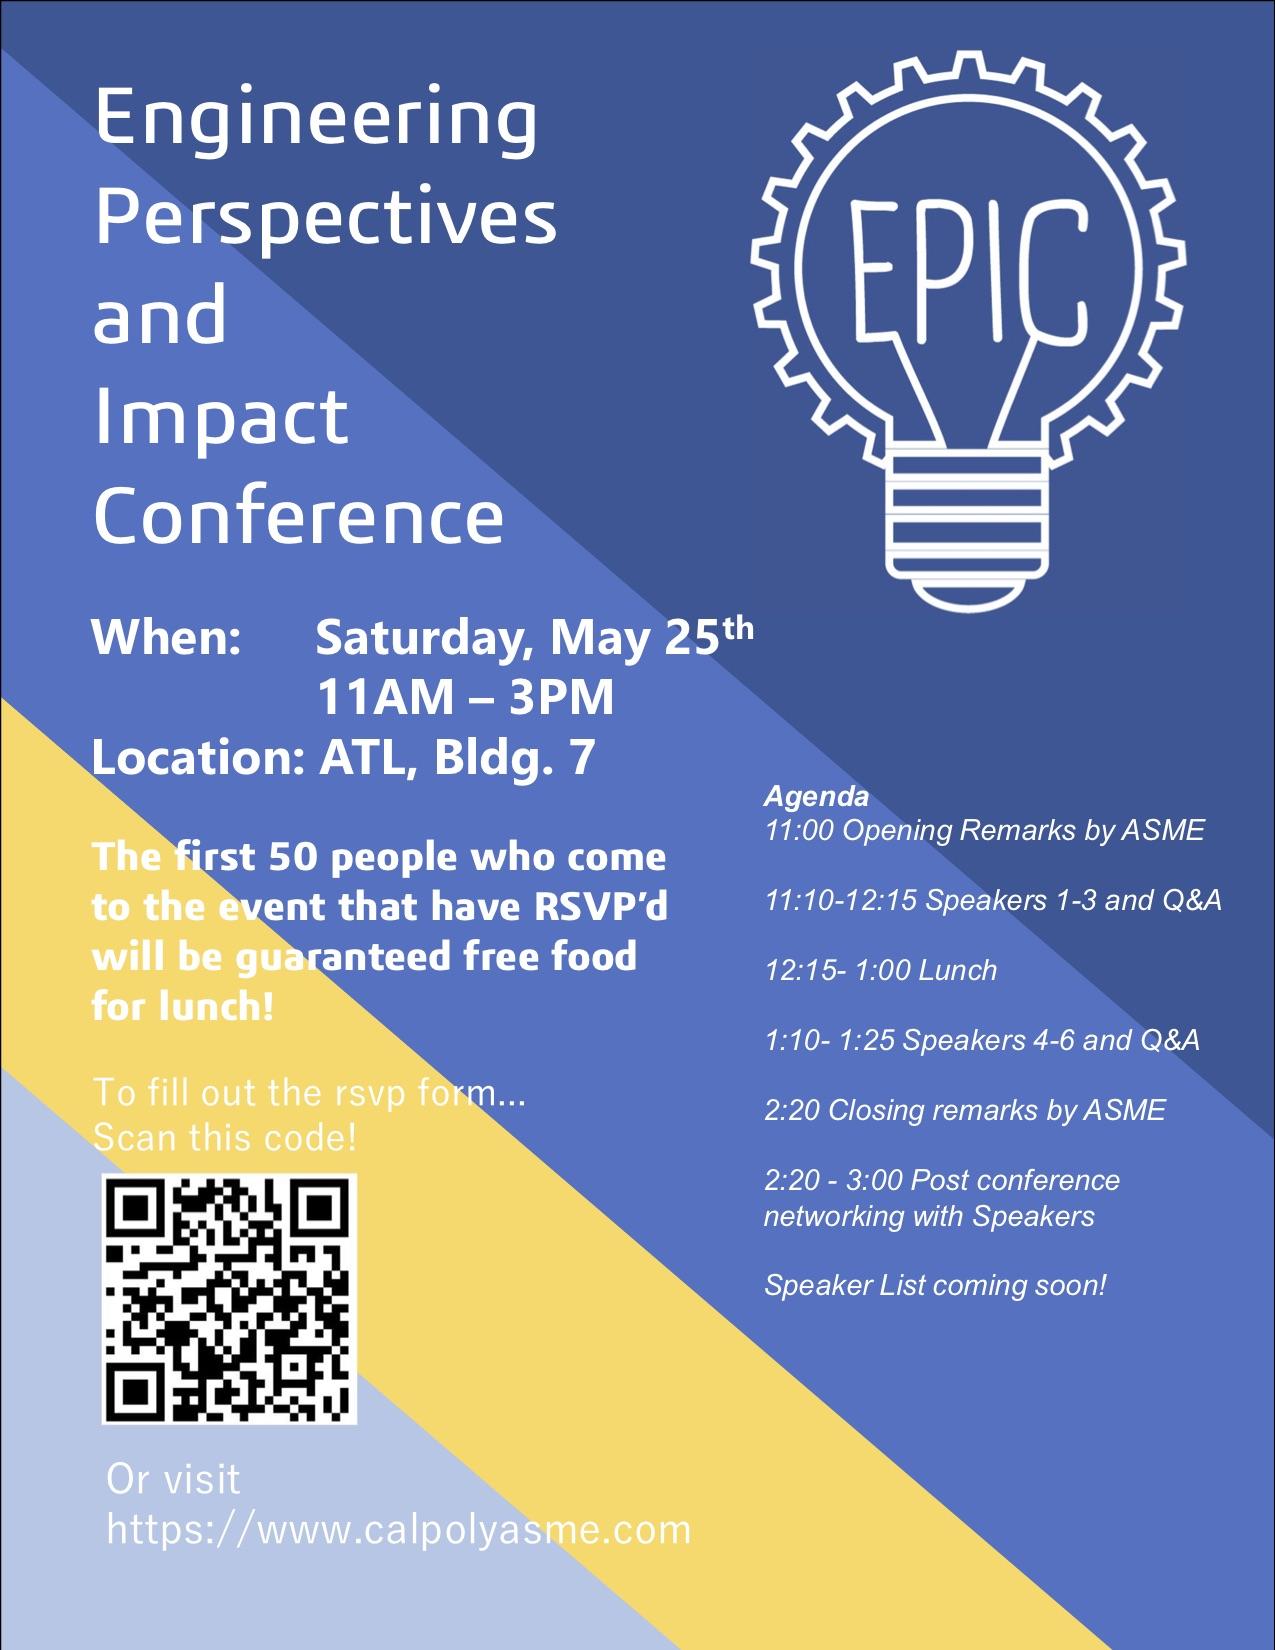 EPIC Poster V.1 copy.jpg